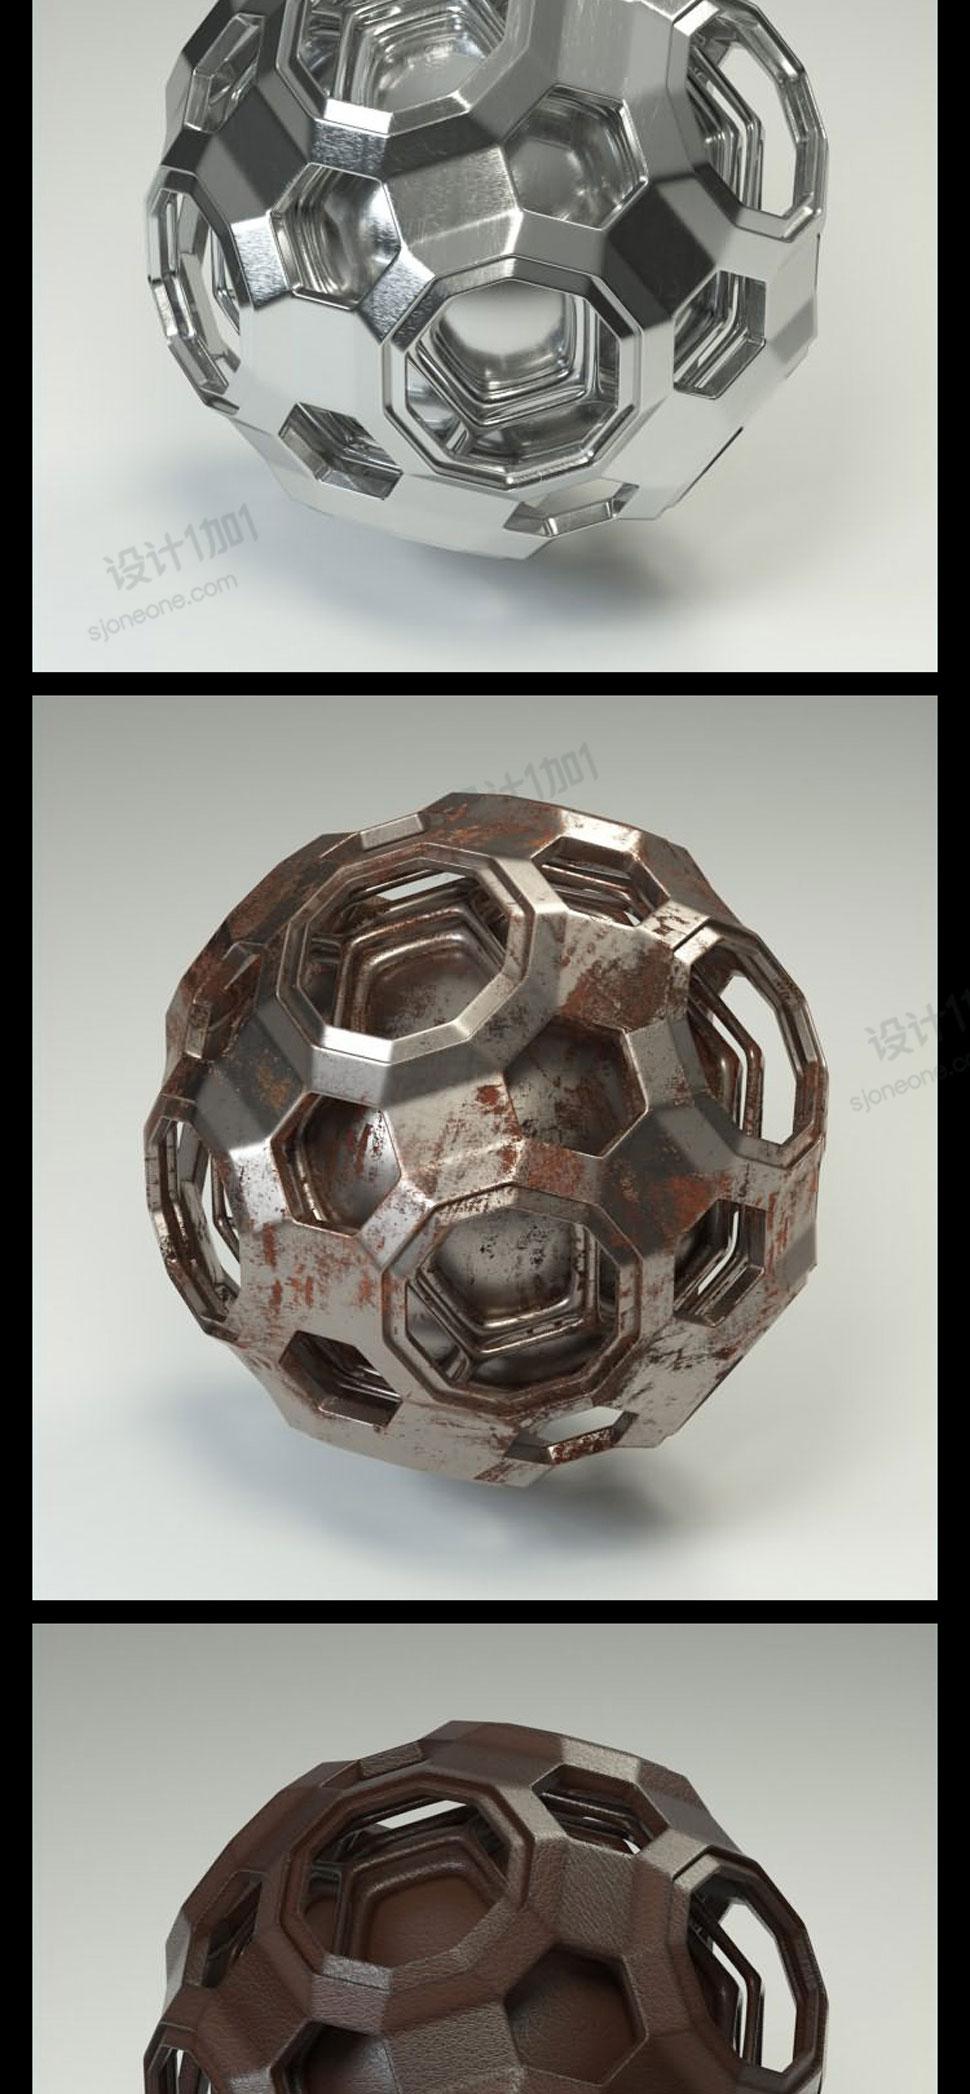 20多个高品质Oc材质包 C4D渲染金属皮革塑料铁锈材质